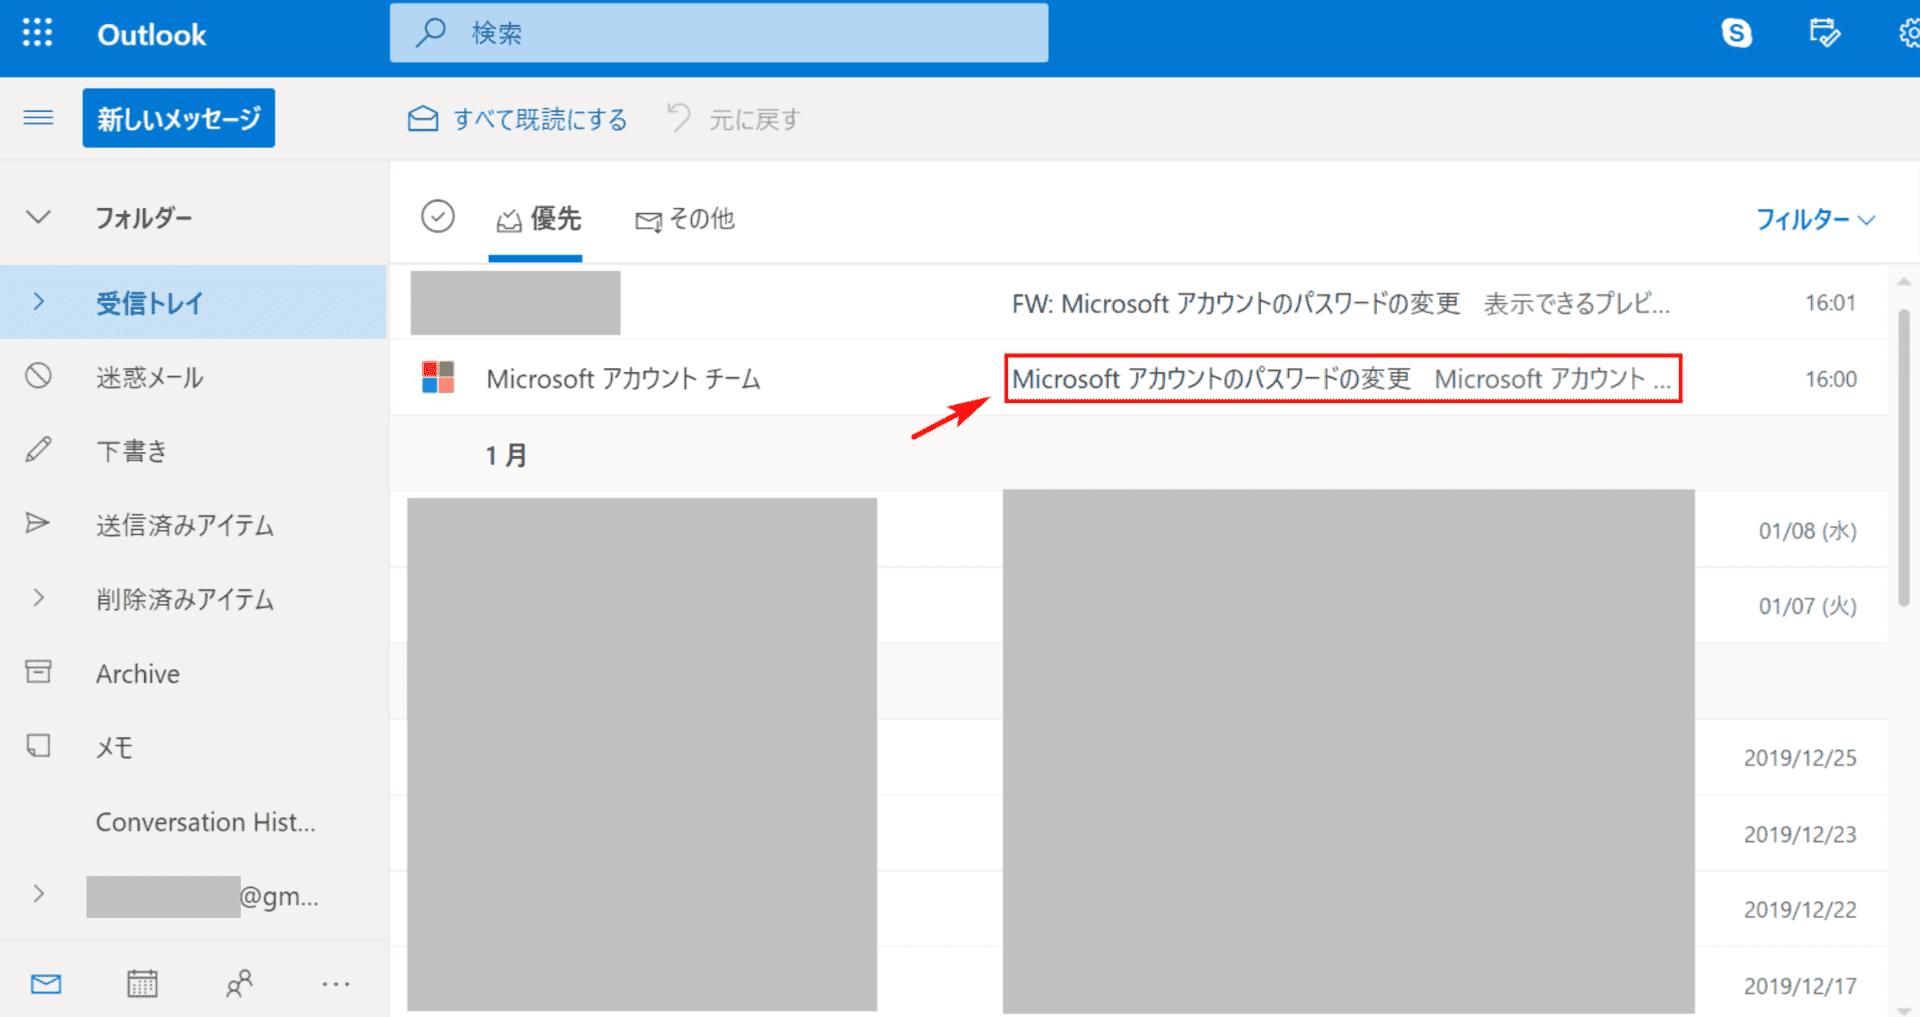 パスワード変更のメールの着信